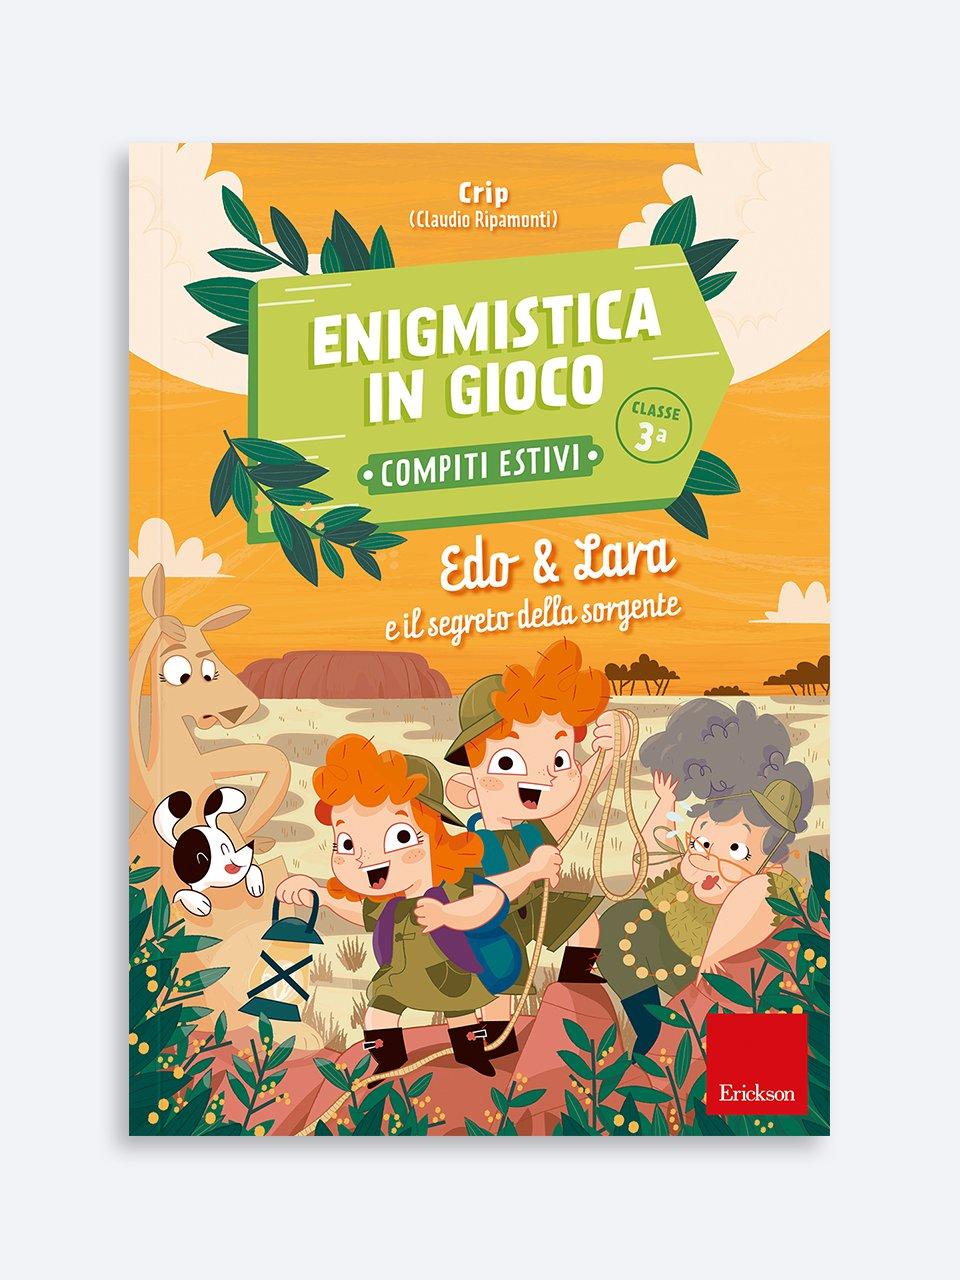 Enigmistica in gioco -  Compiti estivi - Classe terza - I compiti possono essere tutta un'altra cosa... - Erickson